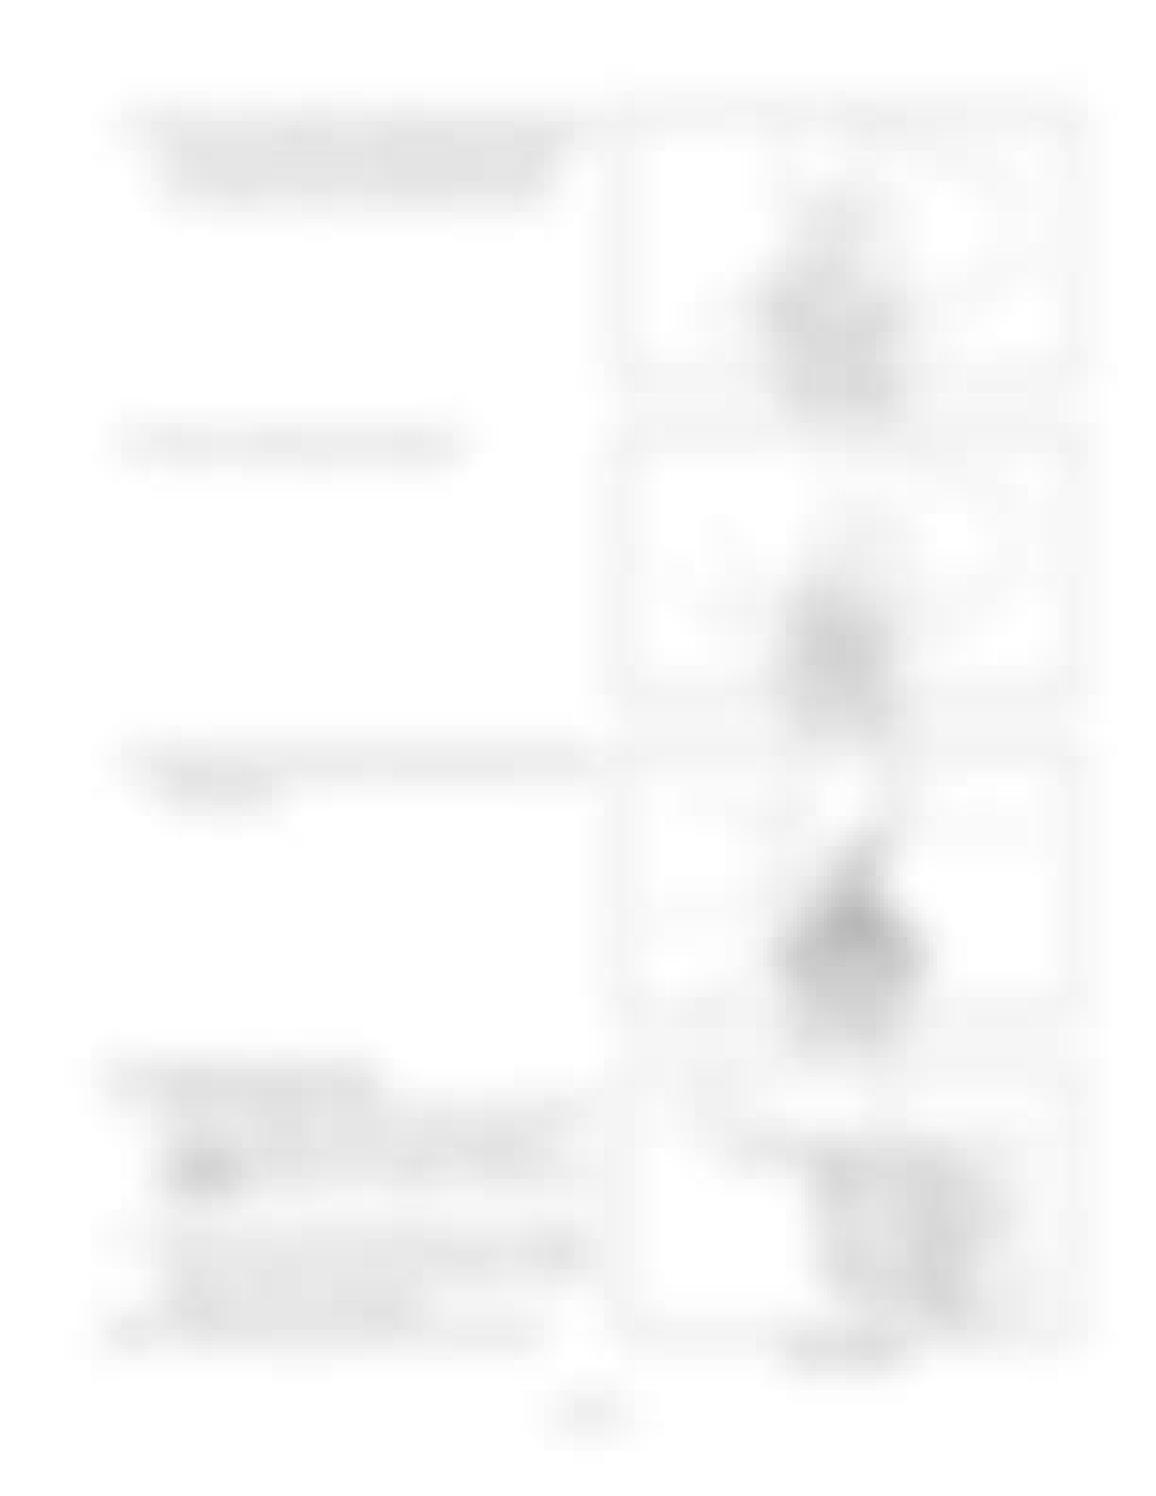 Hitachi LX110-7 LX130-7 LX160-7 LX190-7 LX230-7 Wheel Loader Workshop Manual - PDF DOWNLOAD page 111